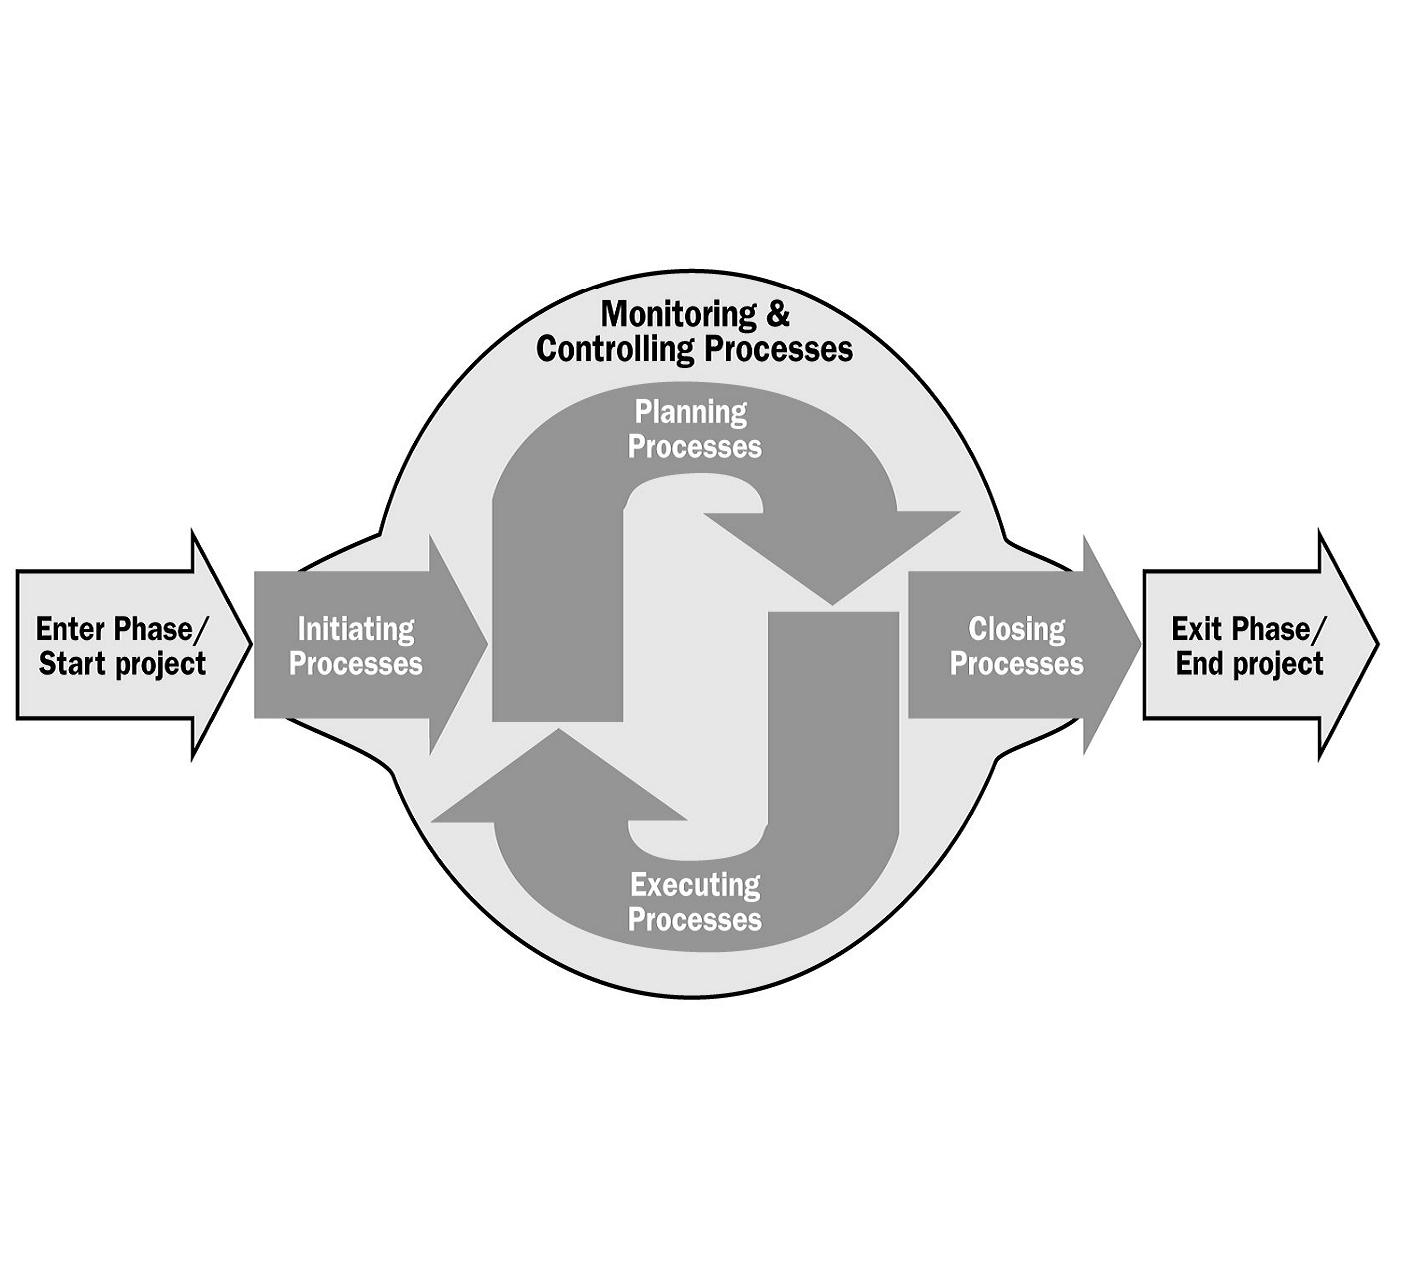 Fases de Iniciação, Planejamento, Execução, Monitoramento e Controle e Encerramento